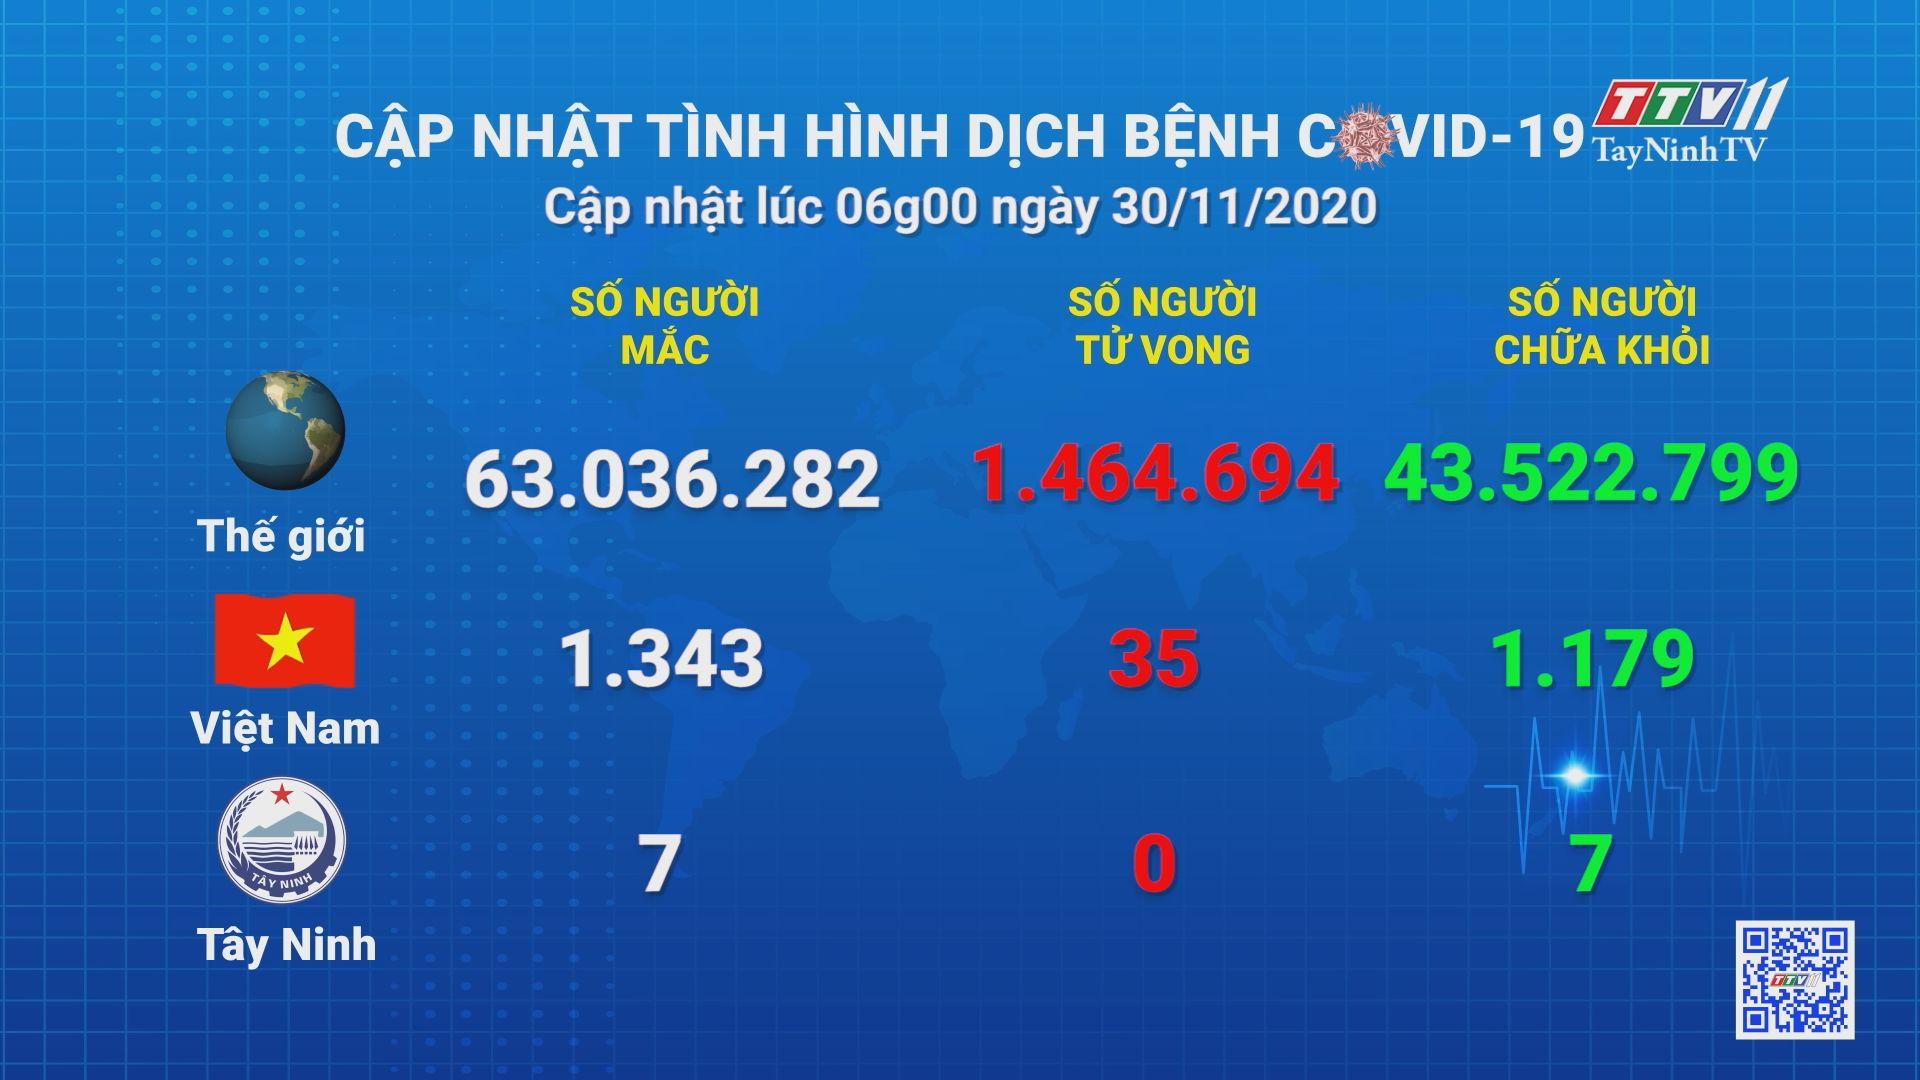 Cập nhật tình hình Covid-19 vào lúc 06 giờ 30-11-2020 | Thông tin dịch Covid-19 | TayNinhTV